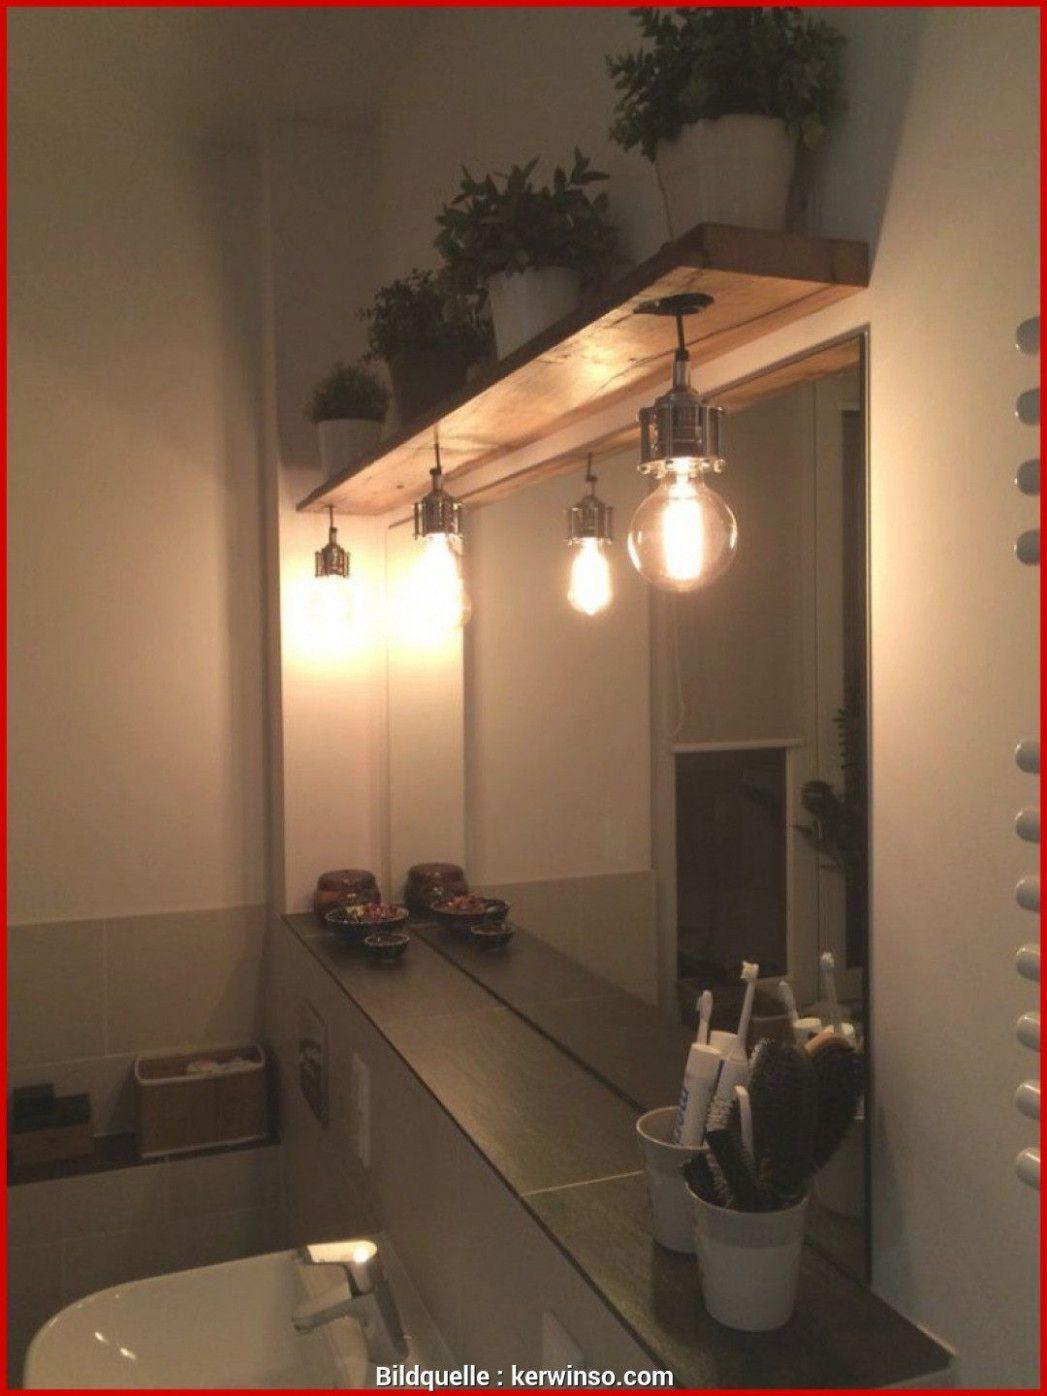 12 Welche Lampe Fur Macht In 2020 Lampe Badezimmer Badezimmerlampe Badezimmer Design